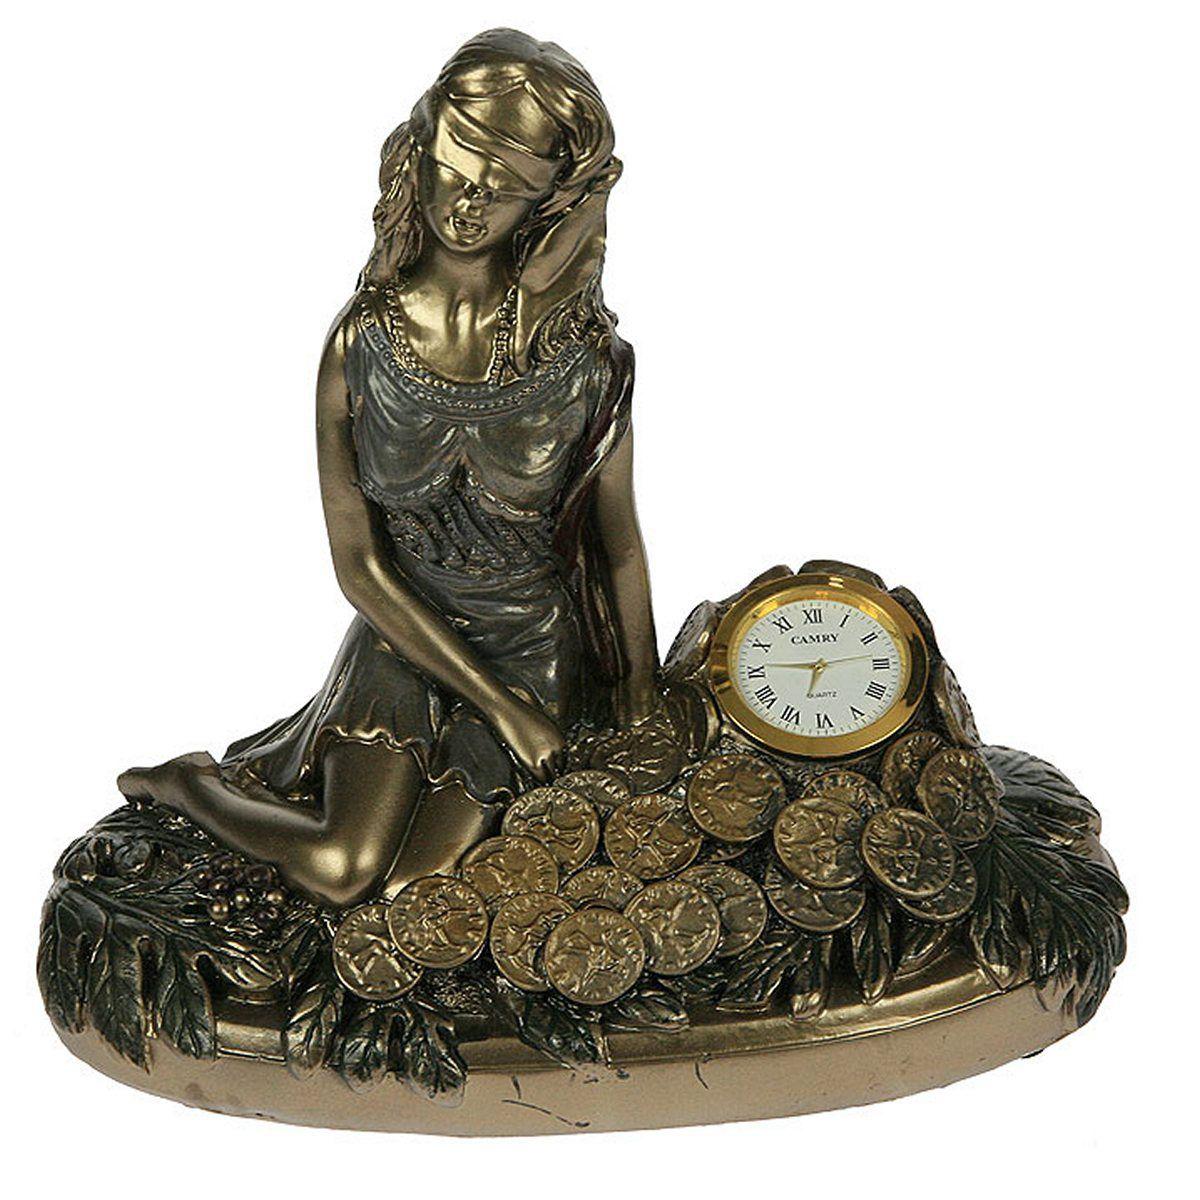 Часы настольные Русские Подарки Римская богиня счастья и удачи - Фортуна, 25 х 14 х 22 см. 5934454 009312Настольные кварцевые часы Русские Подарки Римская богиня счастья и удачи - Фортуна изготовлены из полистоуна, циферблат защищен стеклом. Часы имеют три стрелки - часовую, минутную и секундную.Изящные часы красиво и оригинально оформят интерьер дома или рабочий стол в офисе. Также часы могут стать уникальным, полезным подарком для родственников, коллег, знакомых и близких.Часы работают от батареек типа АА (в комплект не входят).